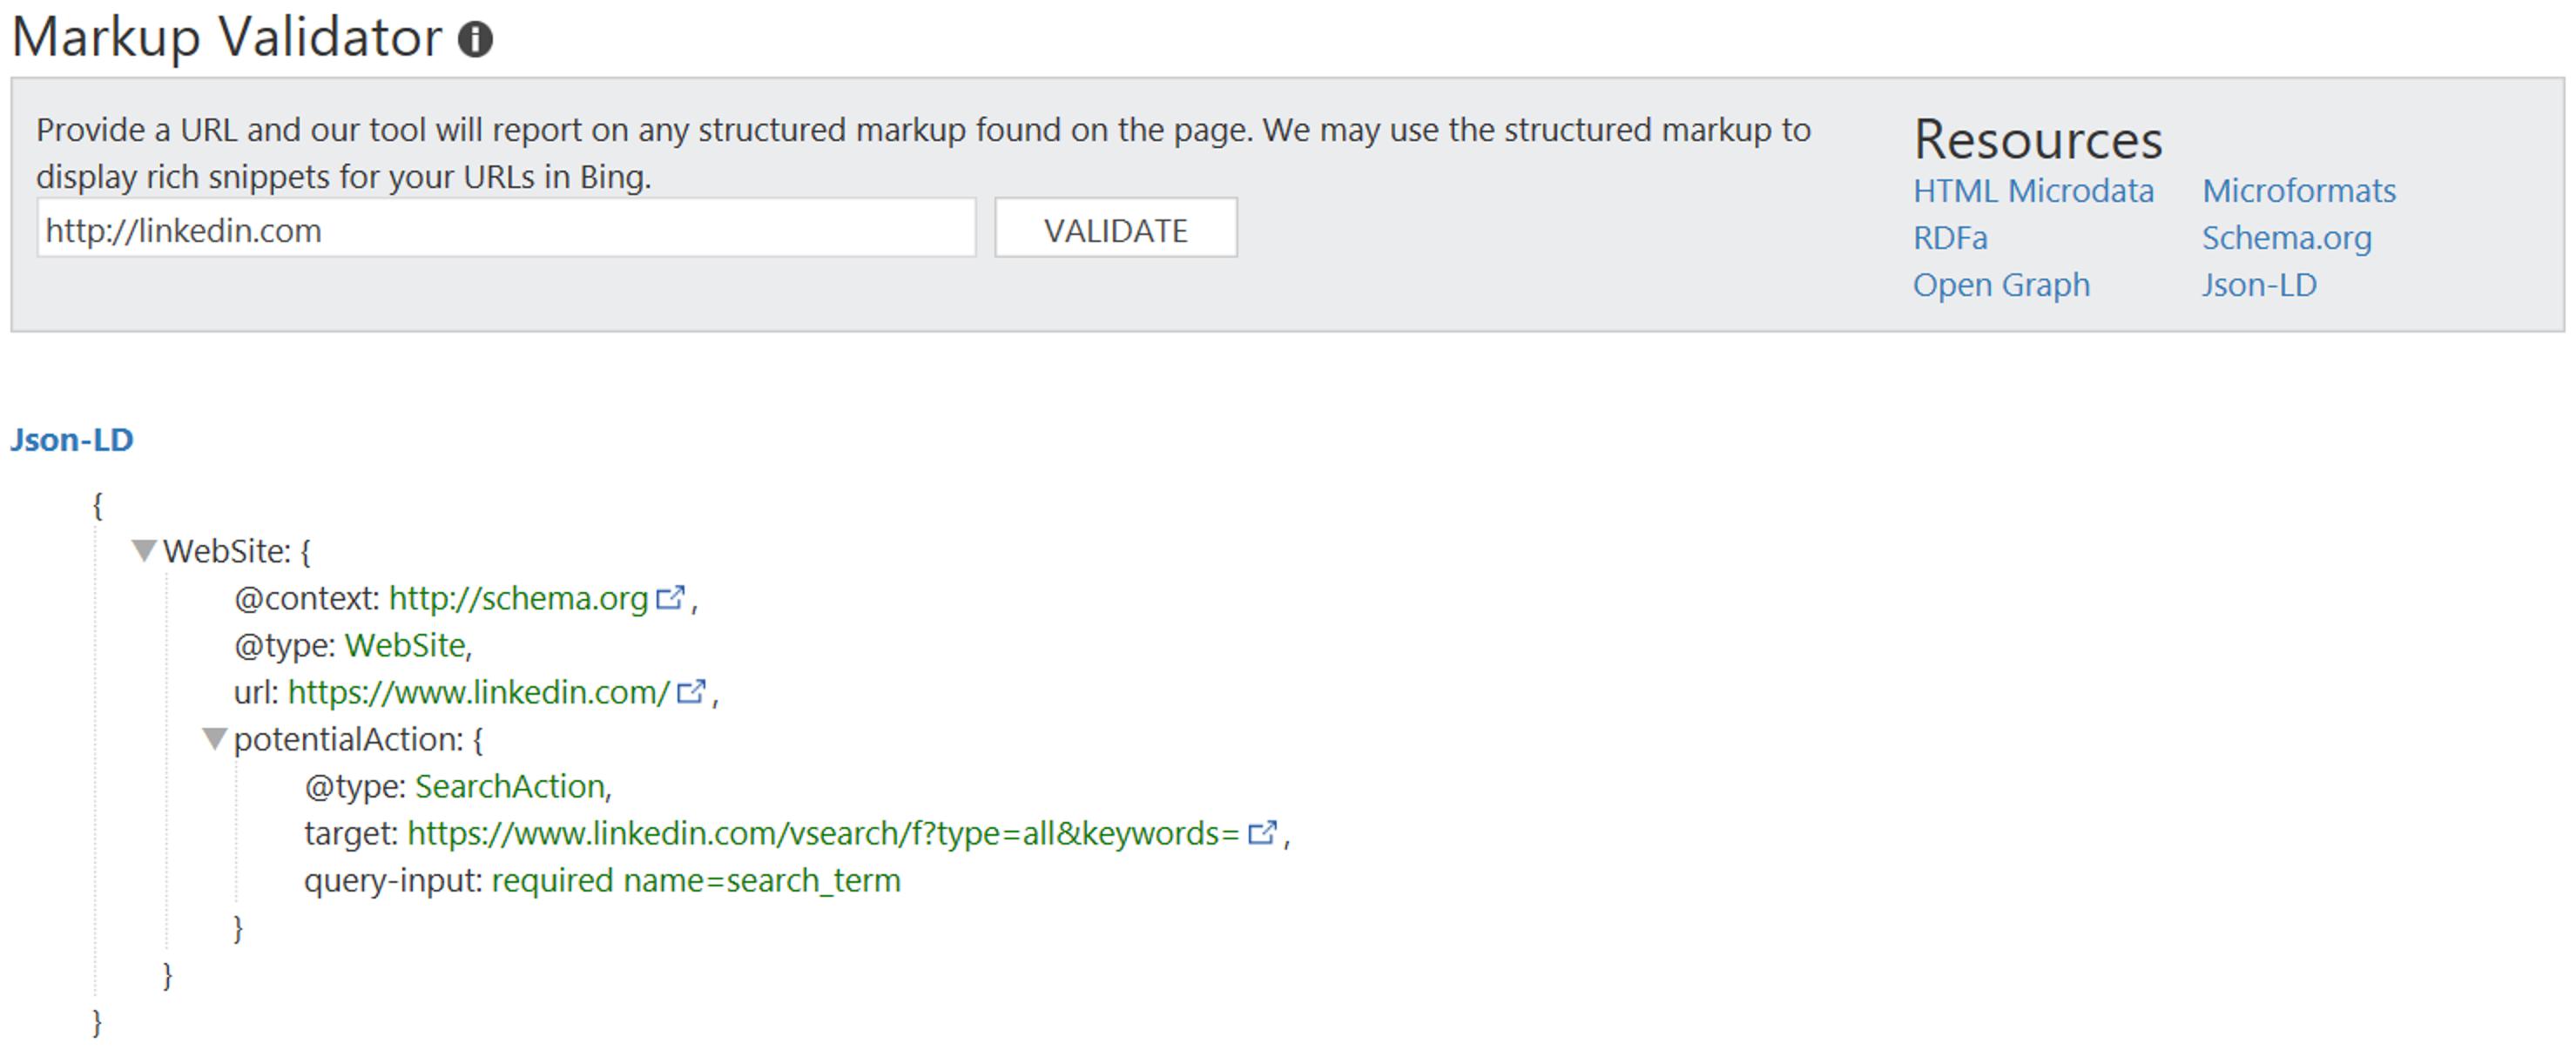 wmt-jsonld-markup-validator